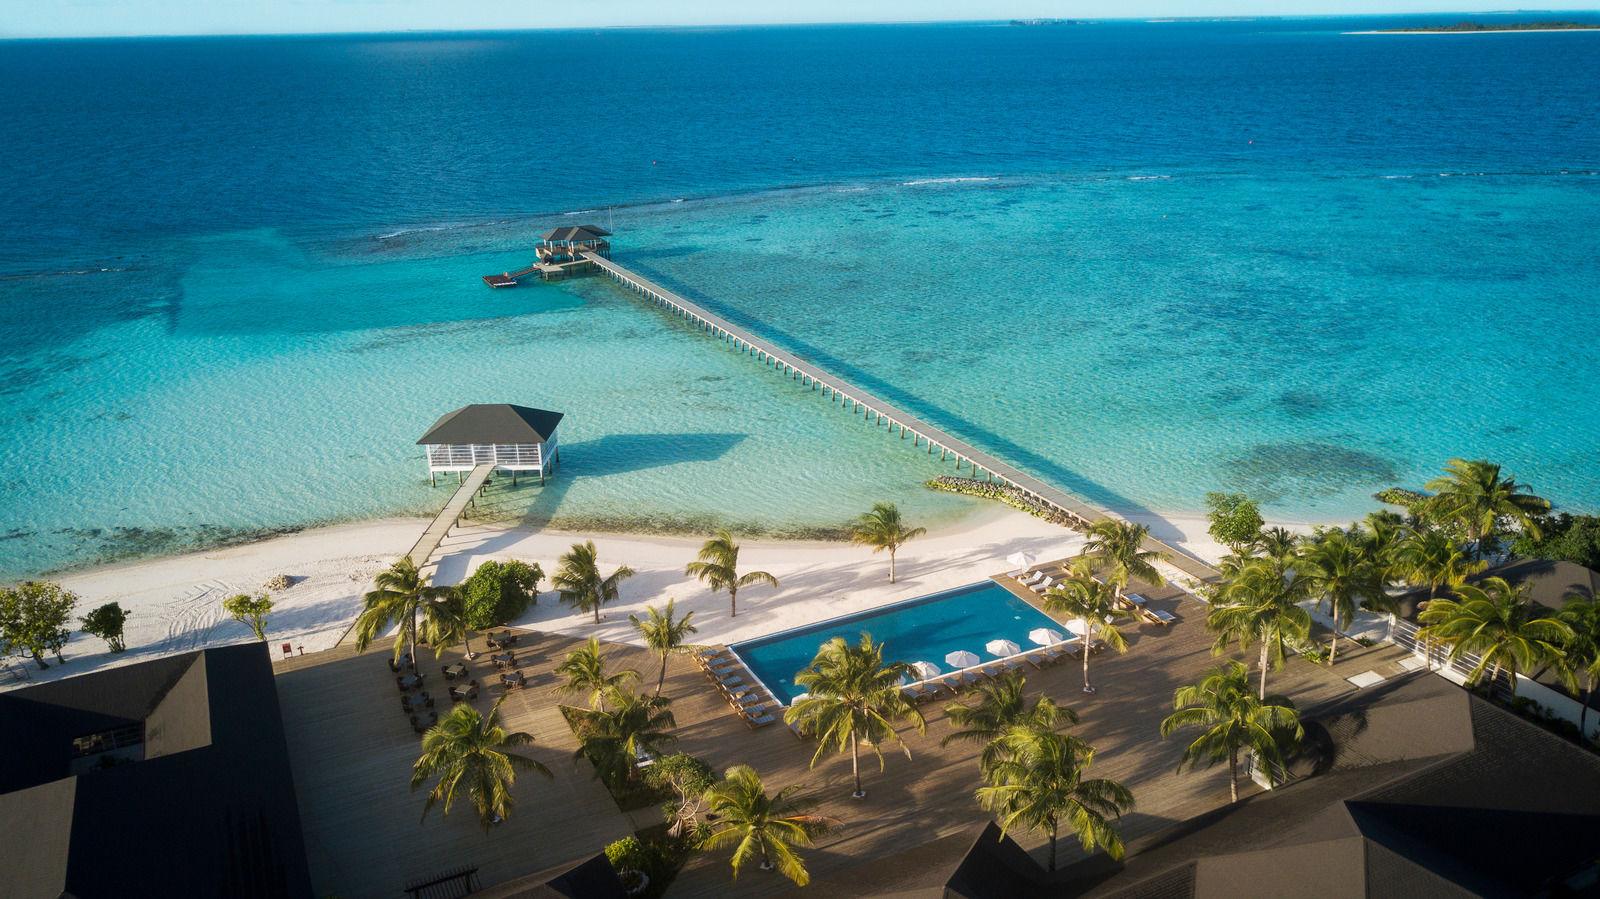 ROBINSON Special Fernweh200   Jetzt 200€ sparen! tui hotels thailand strand sonne malediven angebote und specials angebot  tui berlin robinson noonu außenansicht